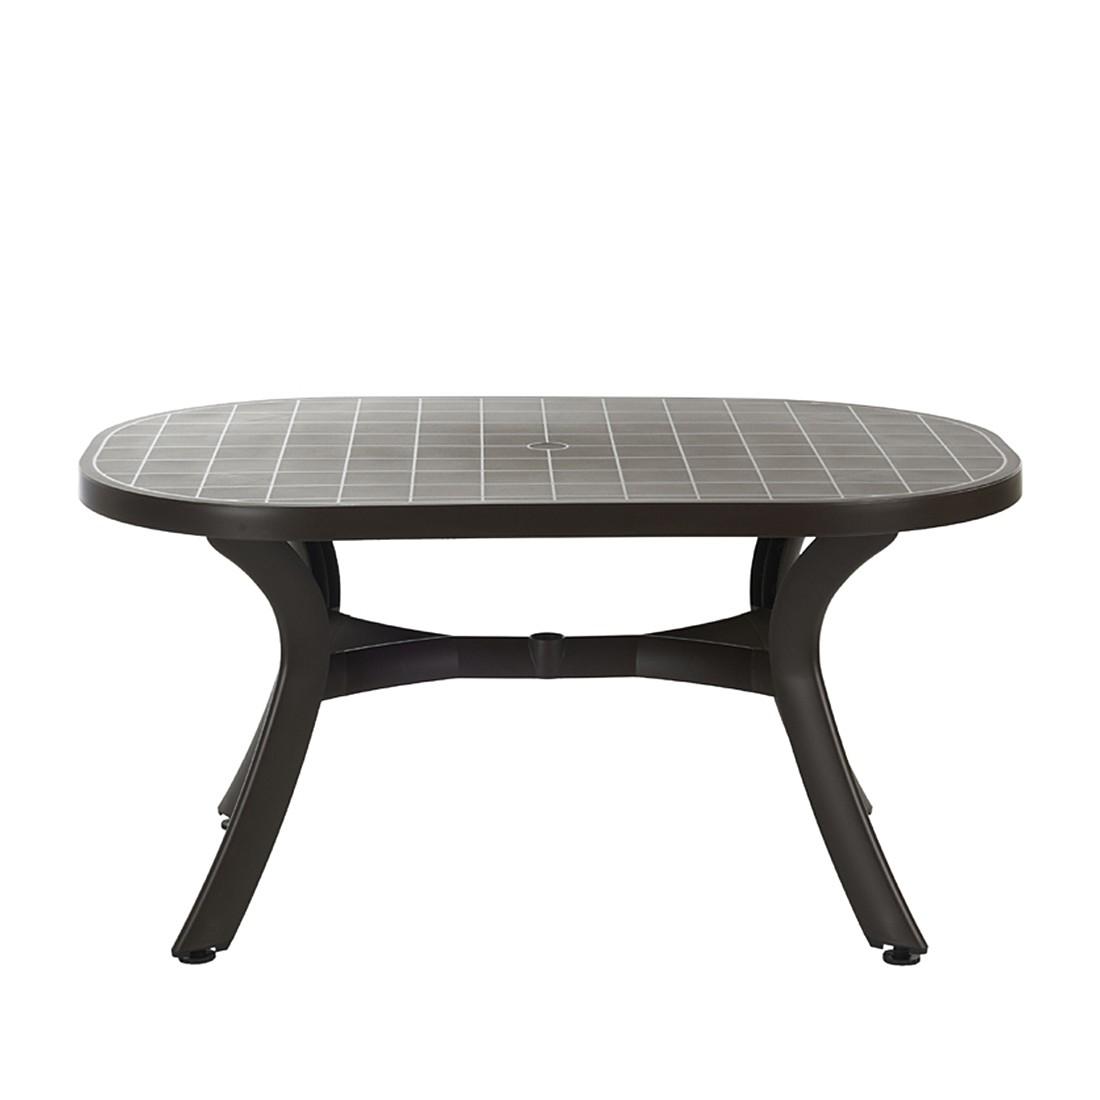 gartentisch kunststoff wei oval perfect gartentisch lima. Black Bedroom Furniture Sets. Home Design Ideas